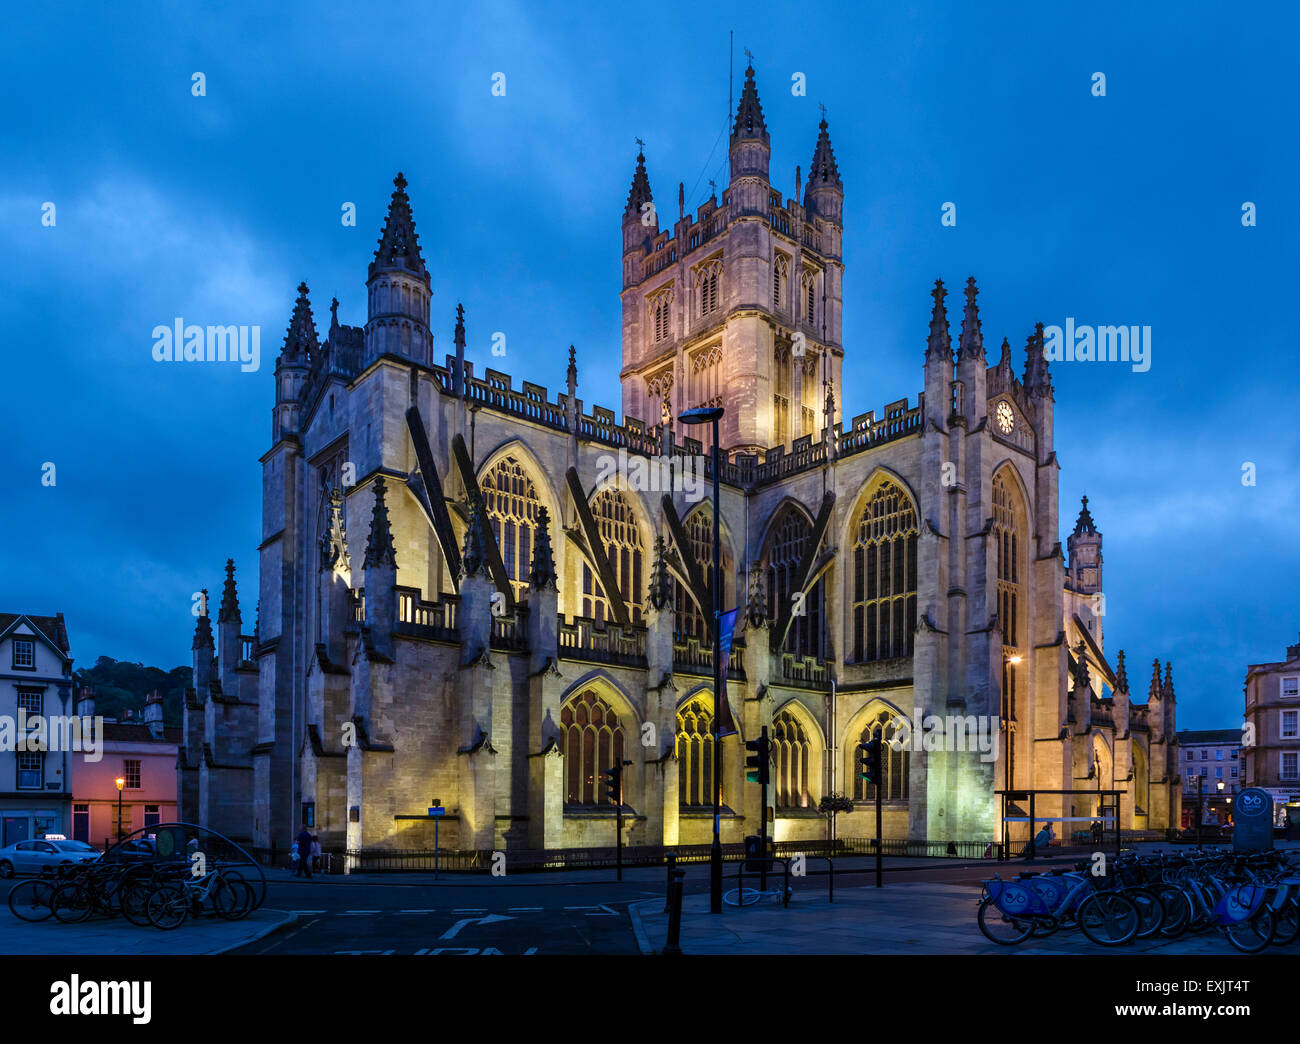 La fachada norte de la Abadía de Bath durante la noche, Bath, Somerset, Inglaterra, Reino Unido. Imagen De Stock